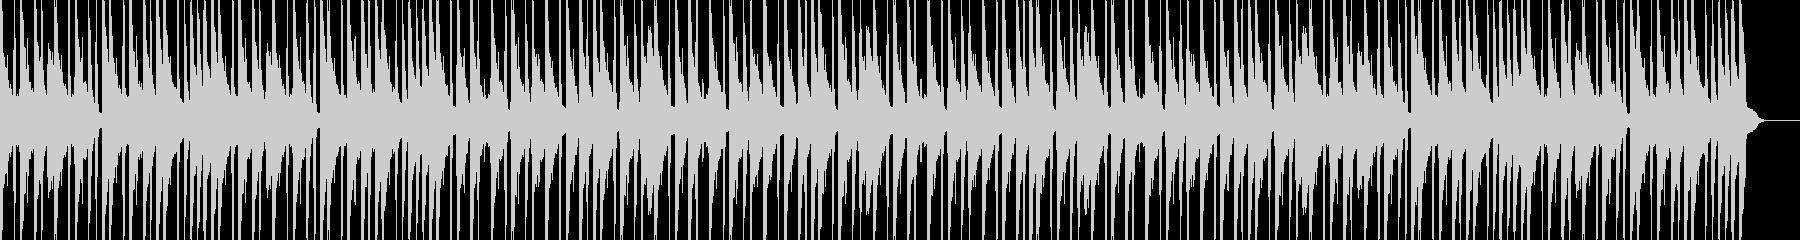 【ヒップホップ】哀愁あるLoFiサウンドの未再生の波形